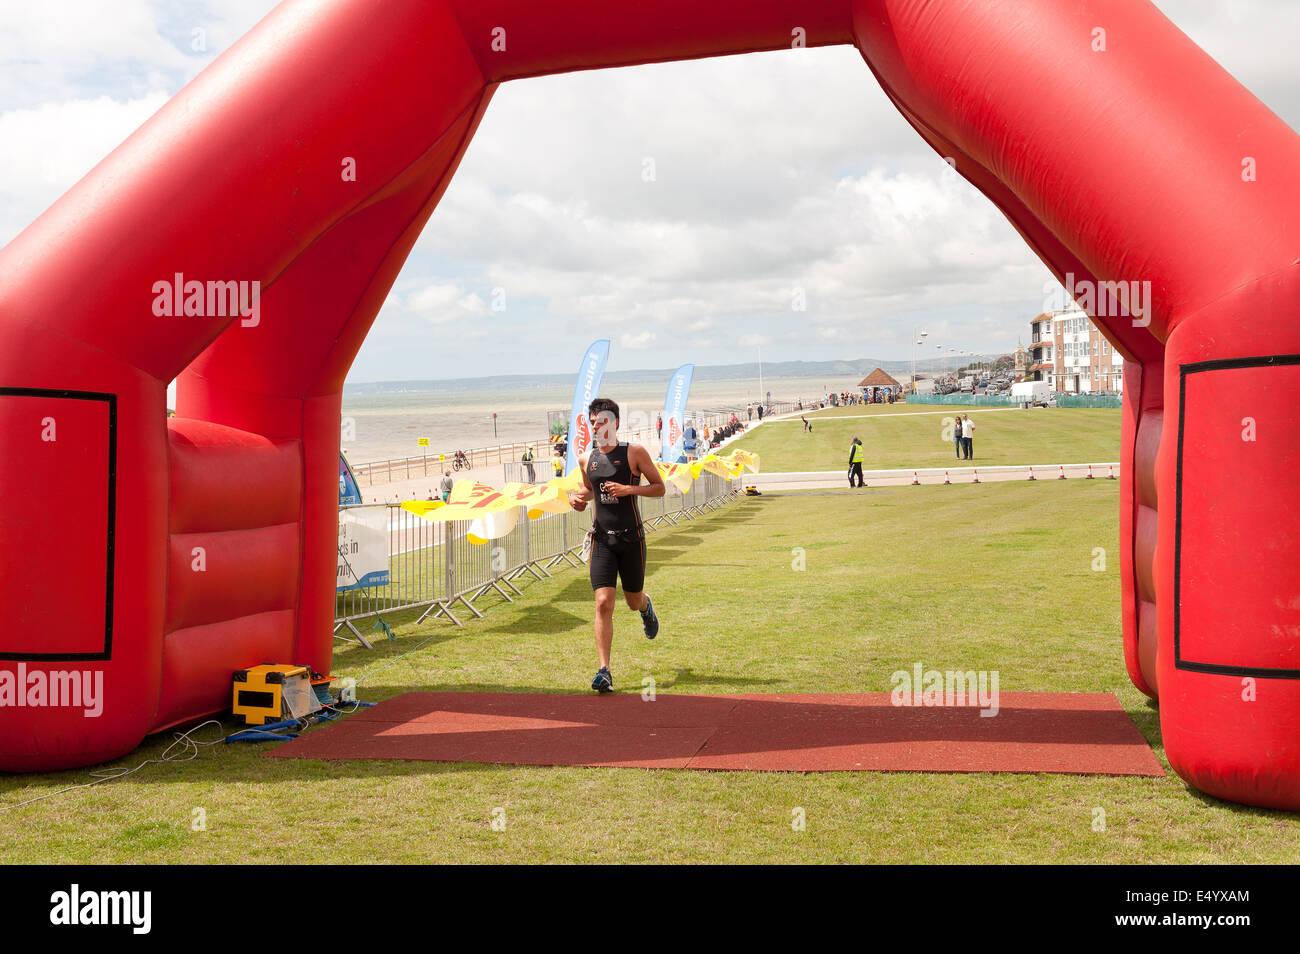 Timer elettronico scheggiati runner finitura triathlon sprint a Bexhill racing attraverso la linea di finitura mat Immagini Stock